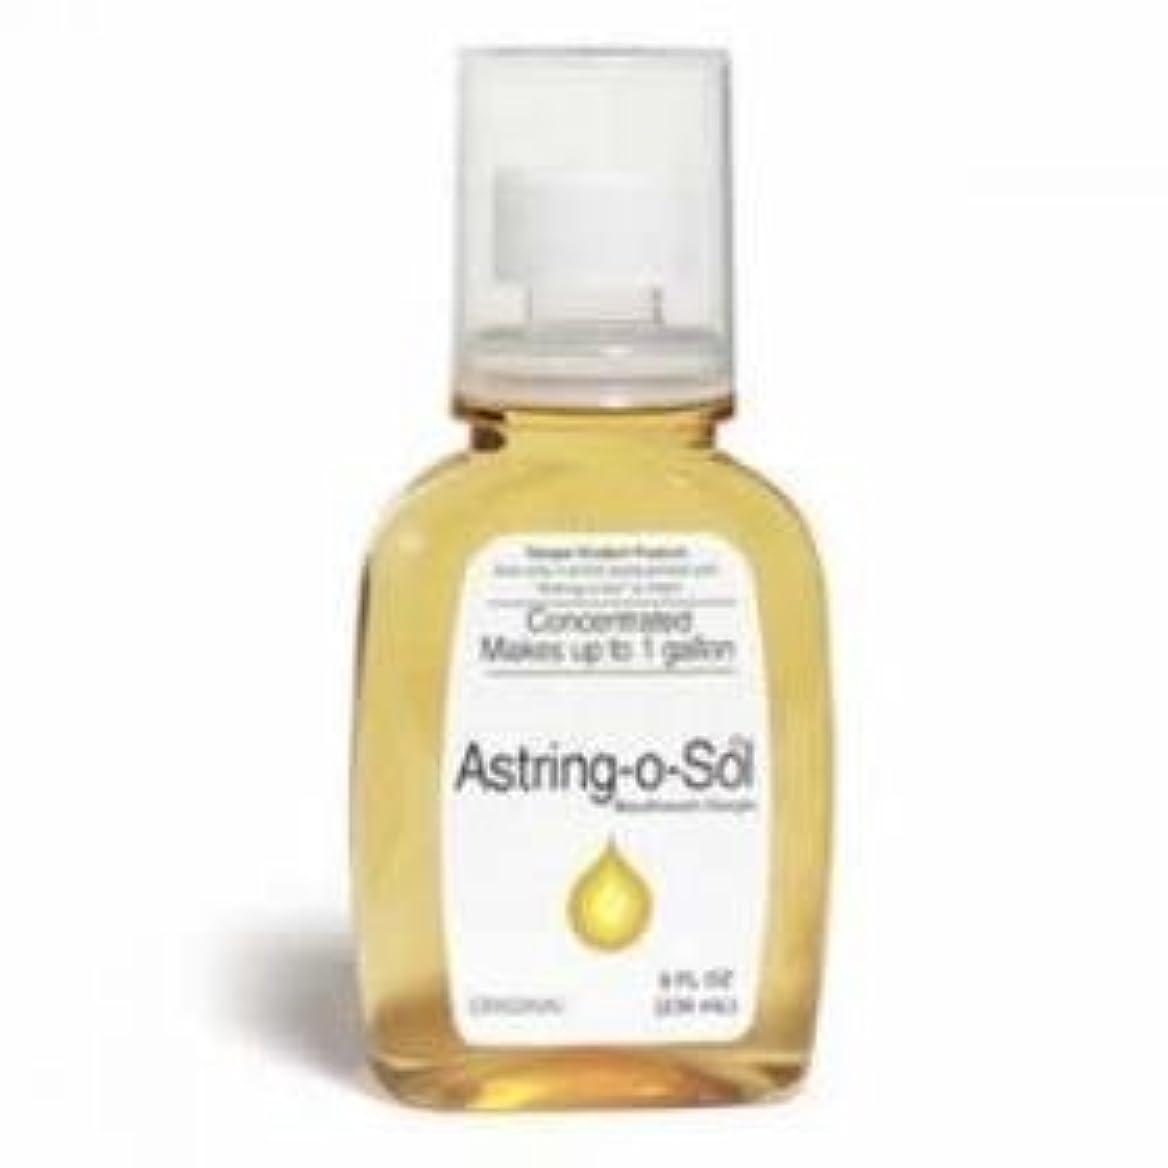 南サイクル回るAstring-O-Sol Concentrated Mouthwash/Gargle, Original - 8 oz Each (PACK OF 3) by ASTRING-O-SOL [並行輸入品]